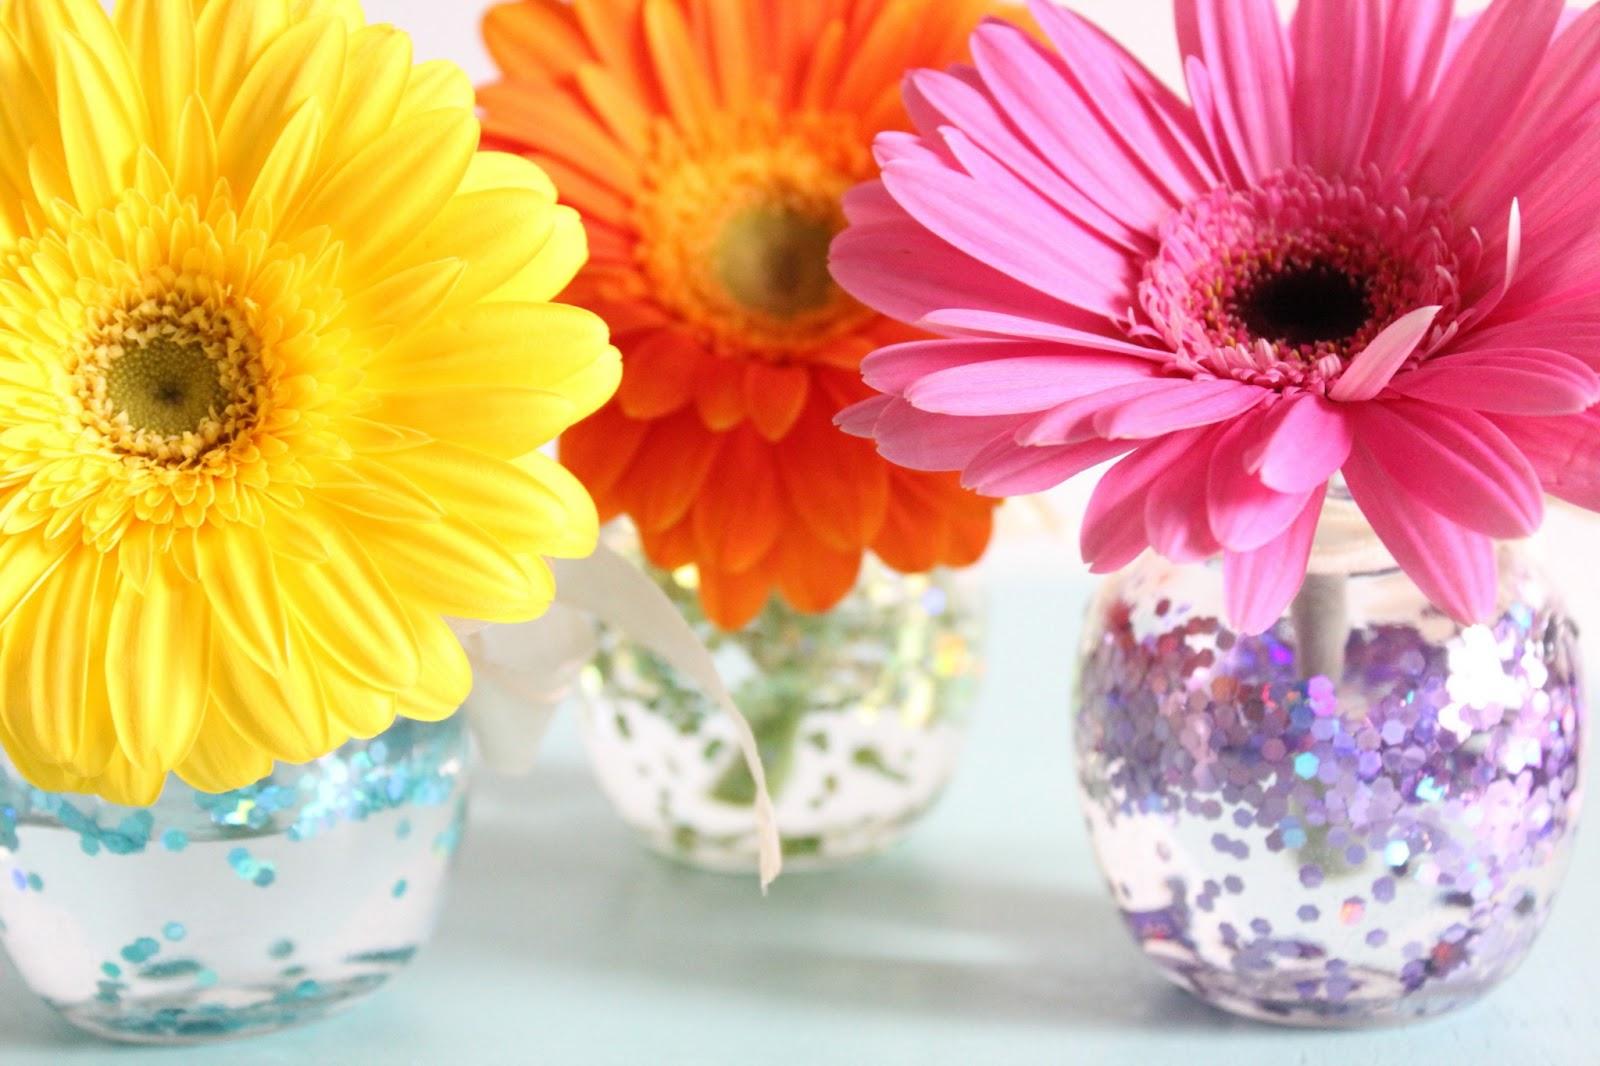 Theresa Joy : 365 Days of Pinterest Day 20 - Shimmer Flower Vase on pinterest flower ring, pinterest flower roses, pinterest flower pot, pinterest coffee mugs, pinterest flower wall, pinterest fashion trends, pinterest jar, pinterest flower boxes, pinterest urns, pinterest crafts, pinterest wind chimes, pinterest chandeliers, pinterest flower pen,